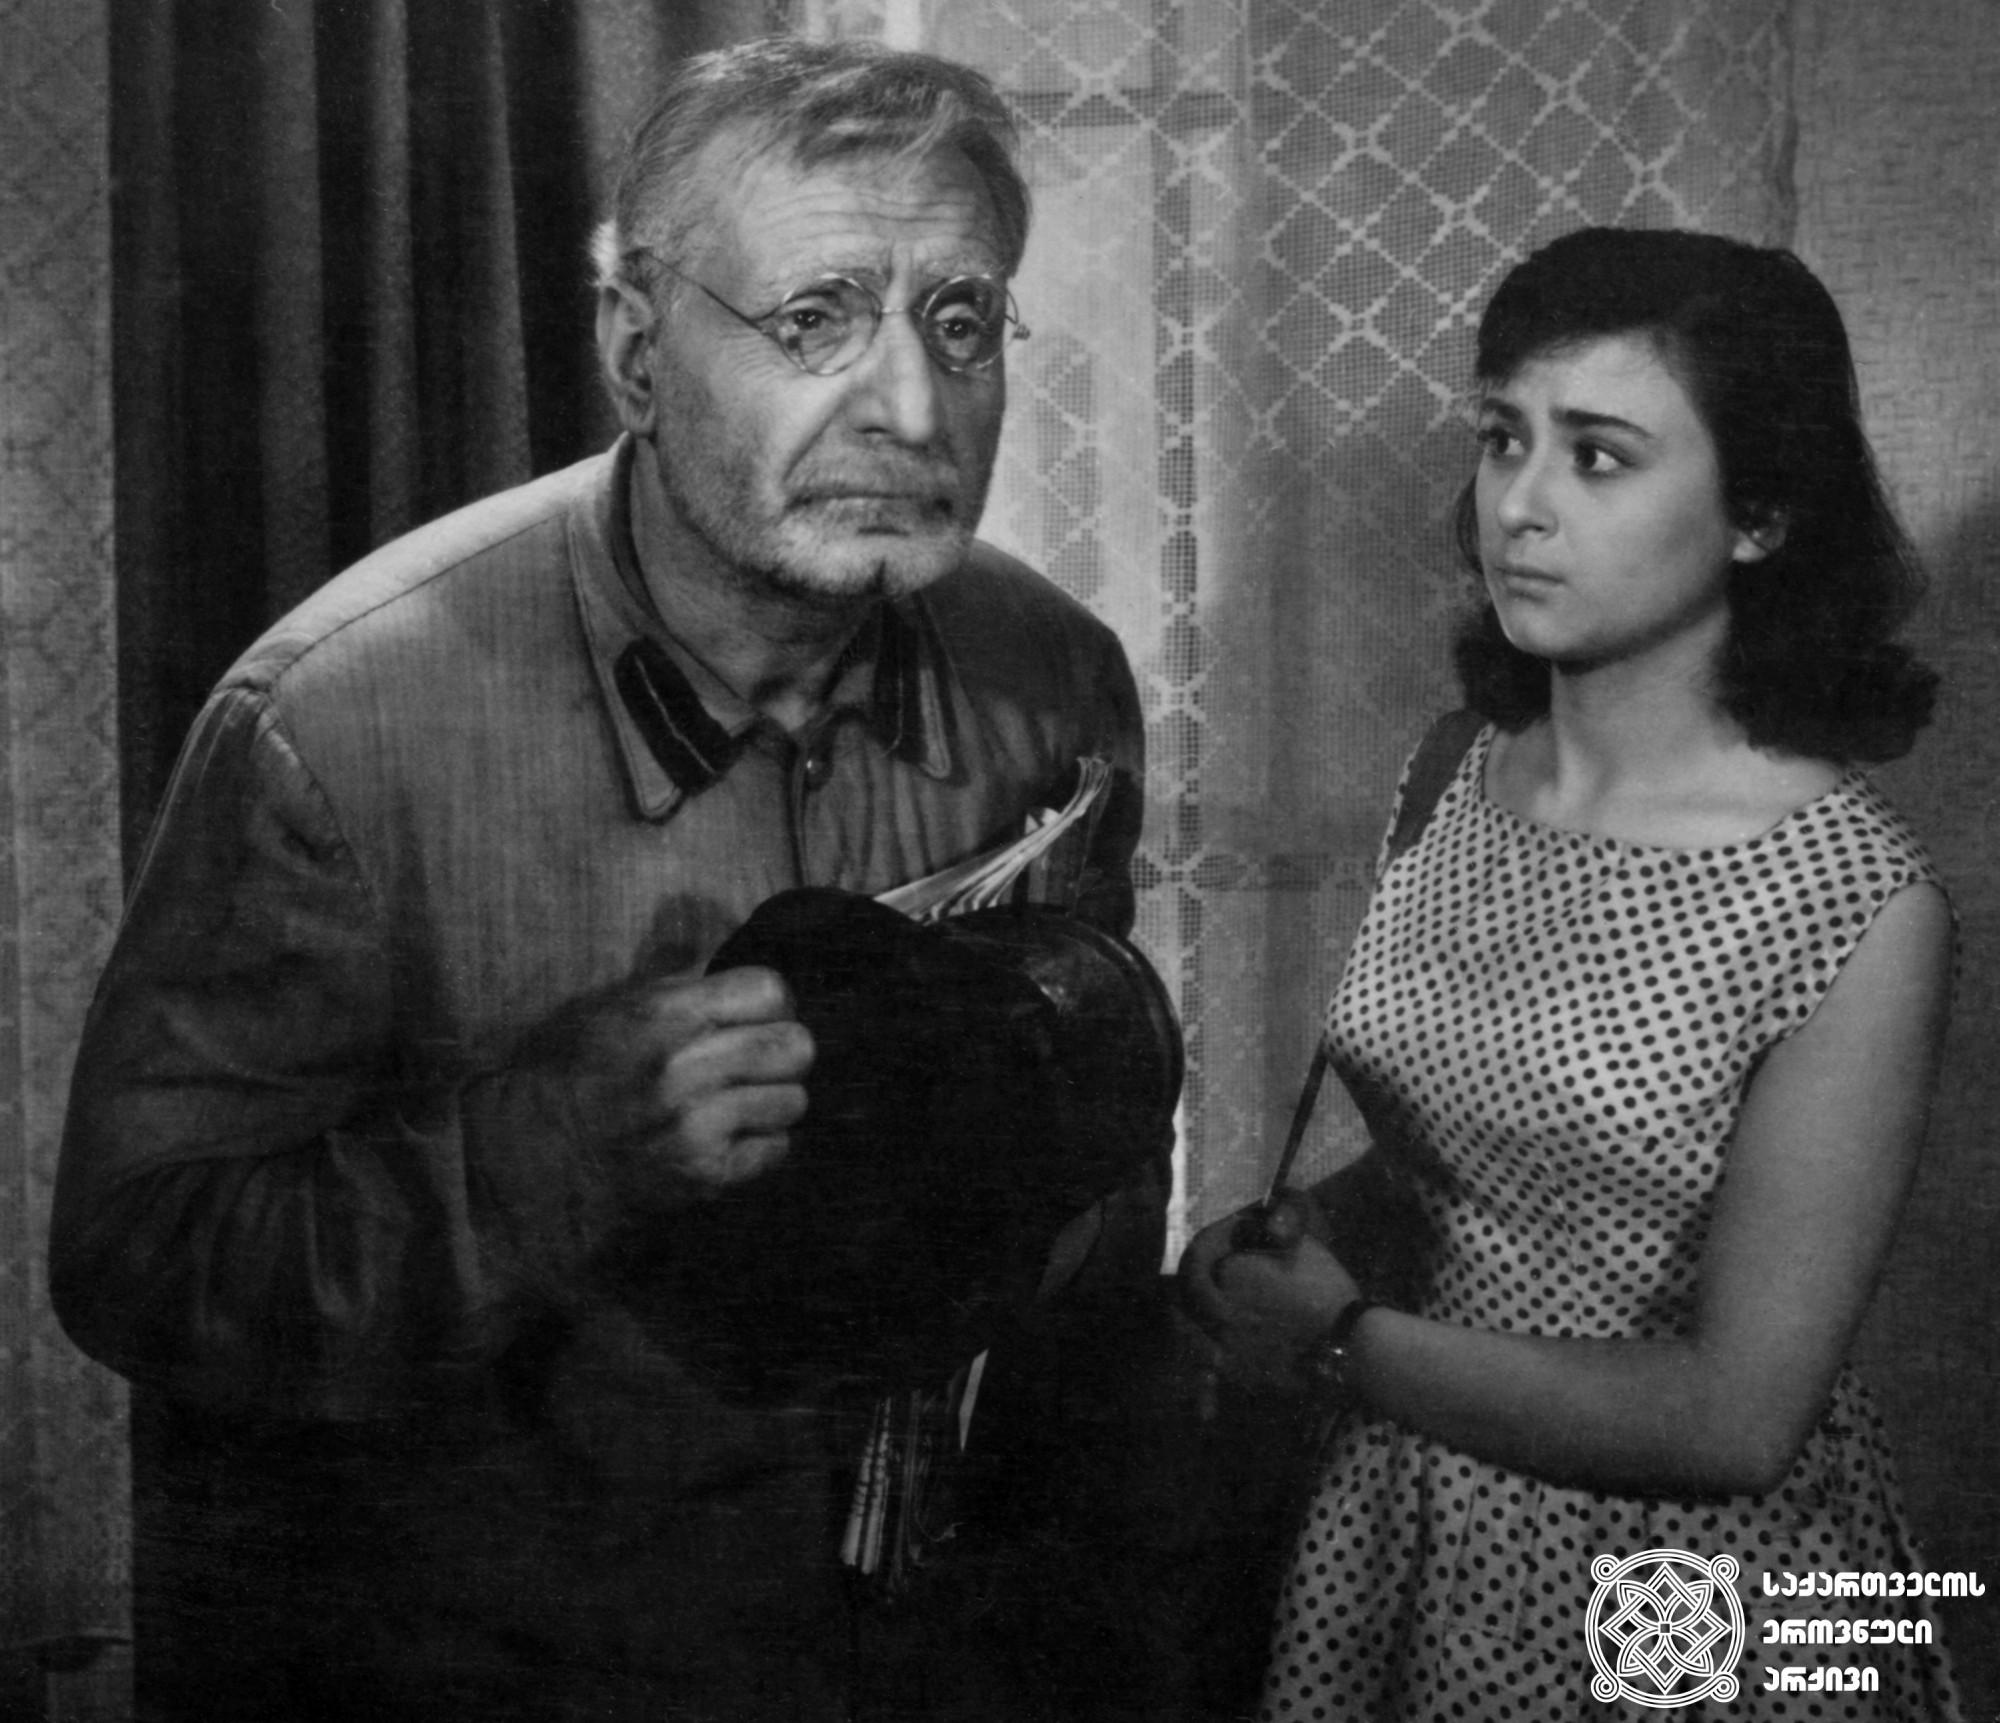 """მხატვრული ფილმი """"დღე უკანასკნელი, დღე პირველი"""", სერგო ზაქარიძე და ბელა მირიანაშვილი გადასაღებ მოედანზე. <br> რეჟისორი: სიკო დოლიძე. <br> 1959. <br>  Feature film """"Last Day, First Day"""", Sergo Zakariadze and Bela Mirianashvili on the filming location. <br> Director: Siko Dolidze. <br> 1959."""